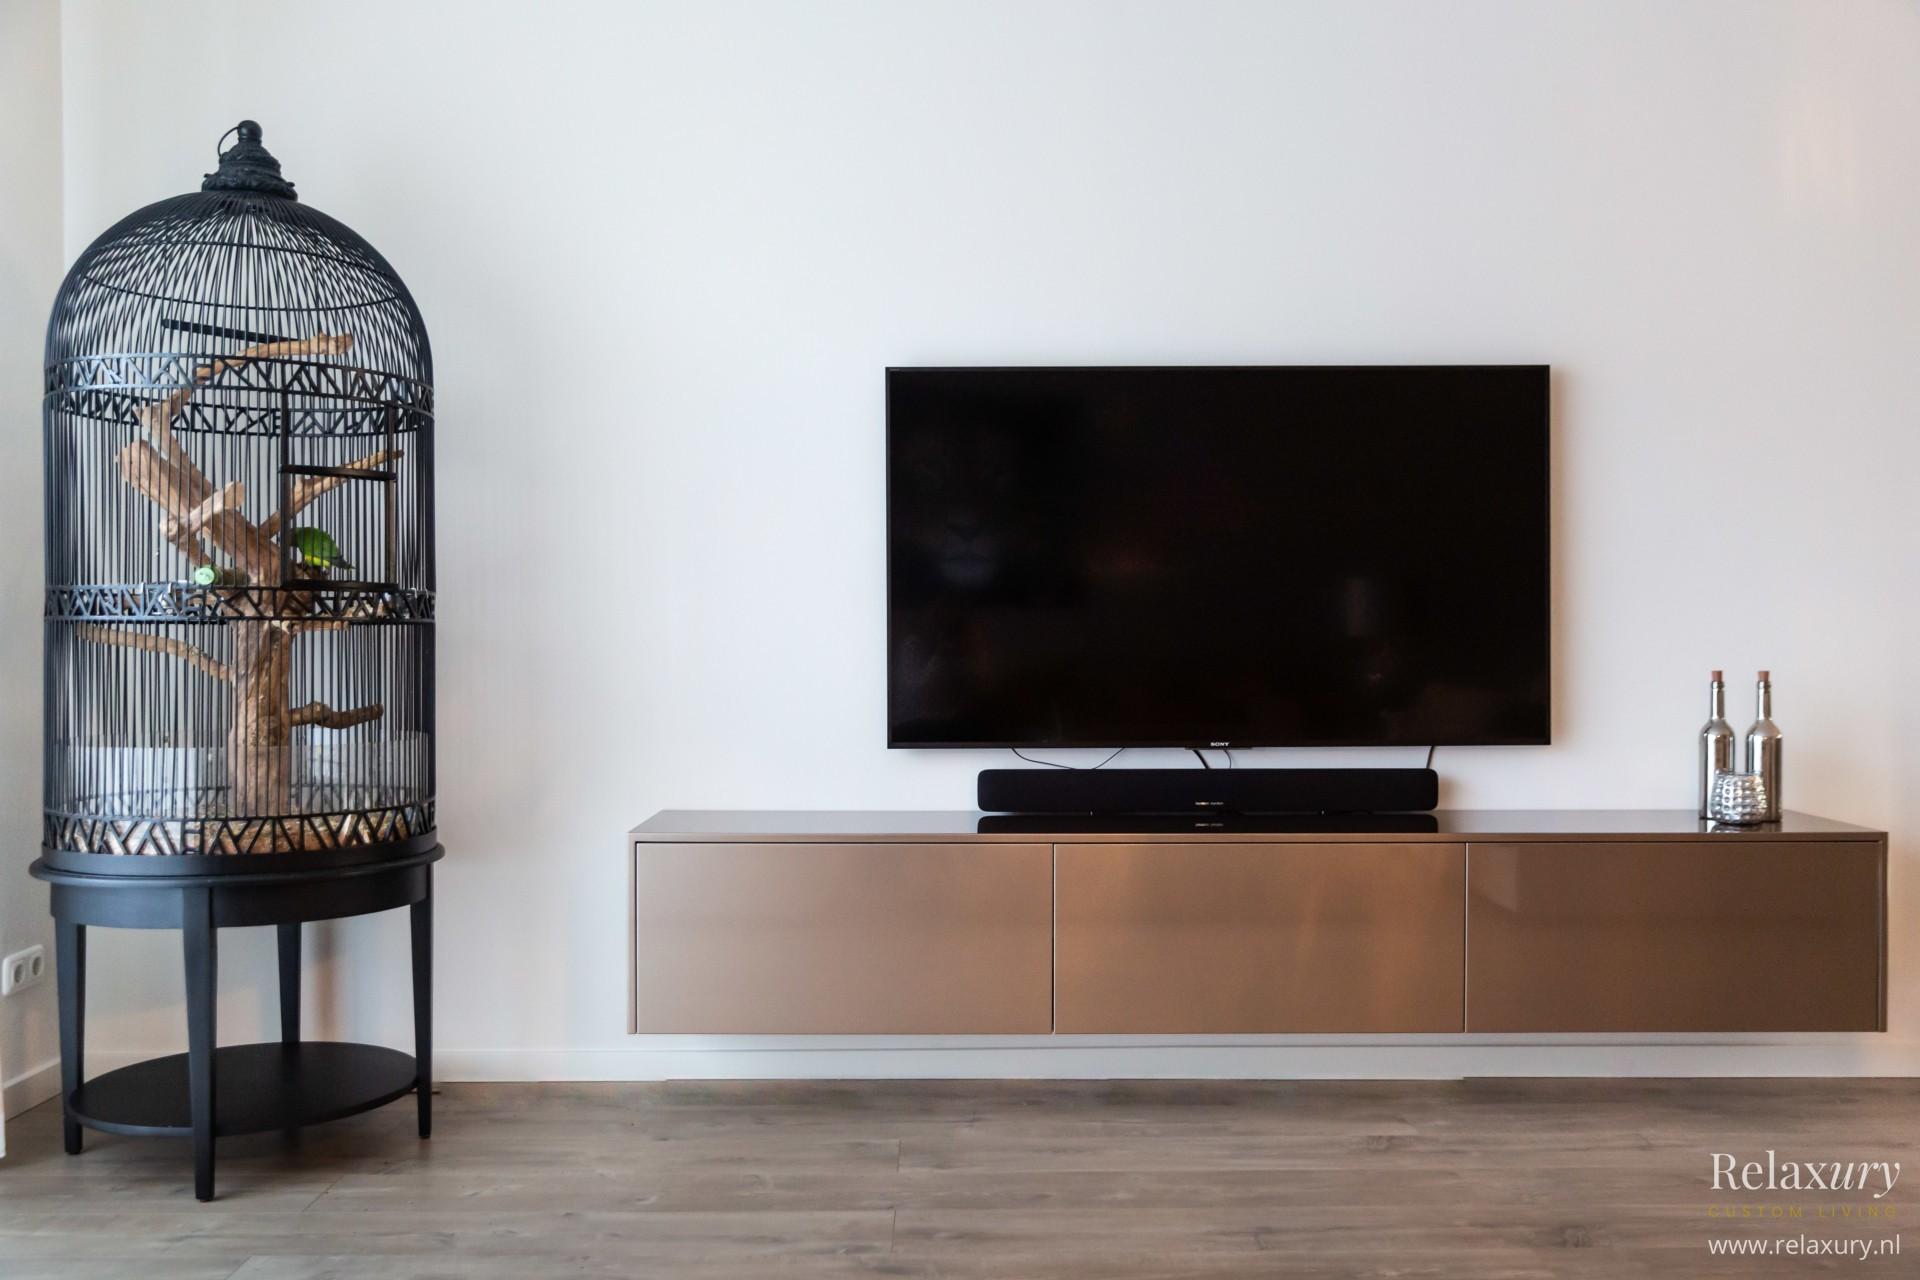 Luxe-tv-meubel-op-maat-brons